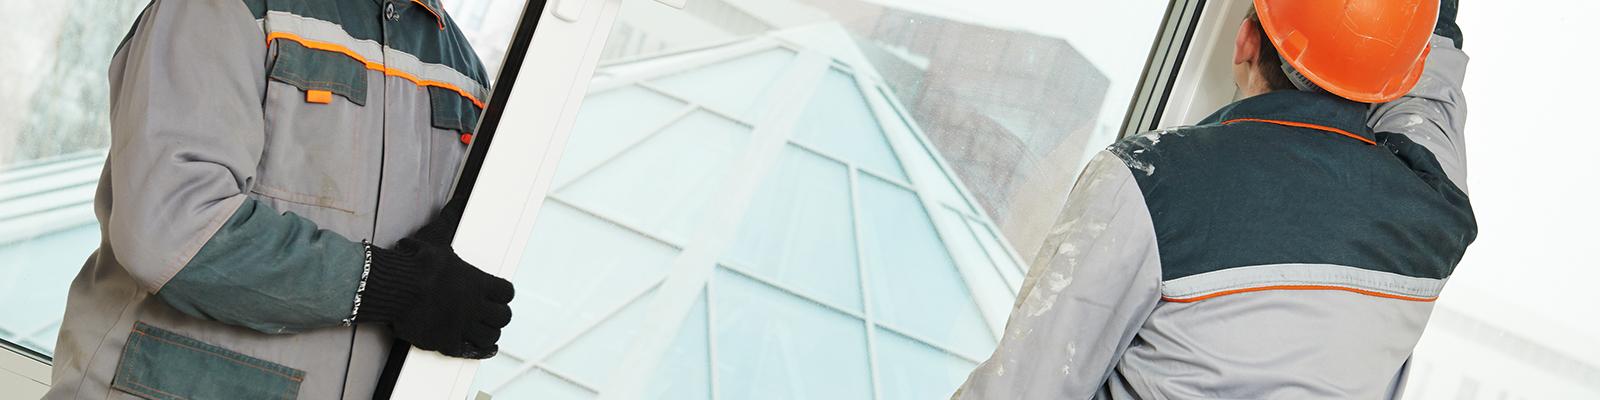 Pose et remplacement de fenêtre simple et double vitrage à Boulogne-Billancourt